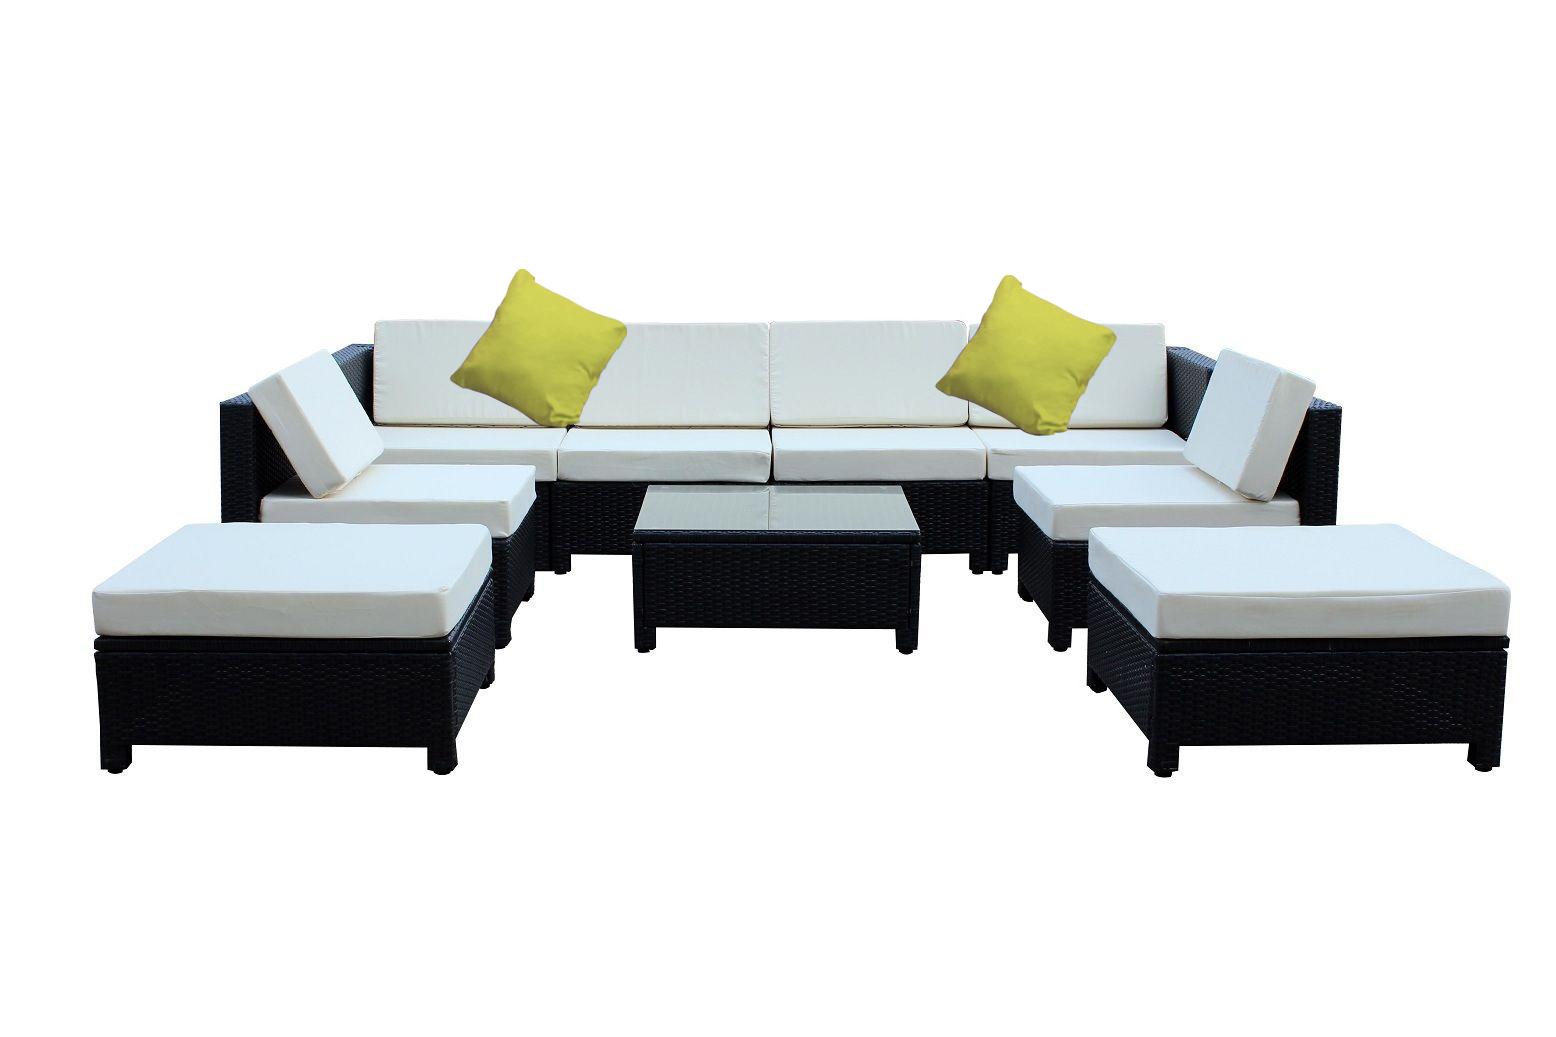 9 Pc Luxury Wicker Patio Sectional Indoor Outdoor Sofa